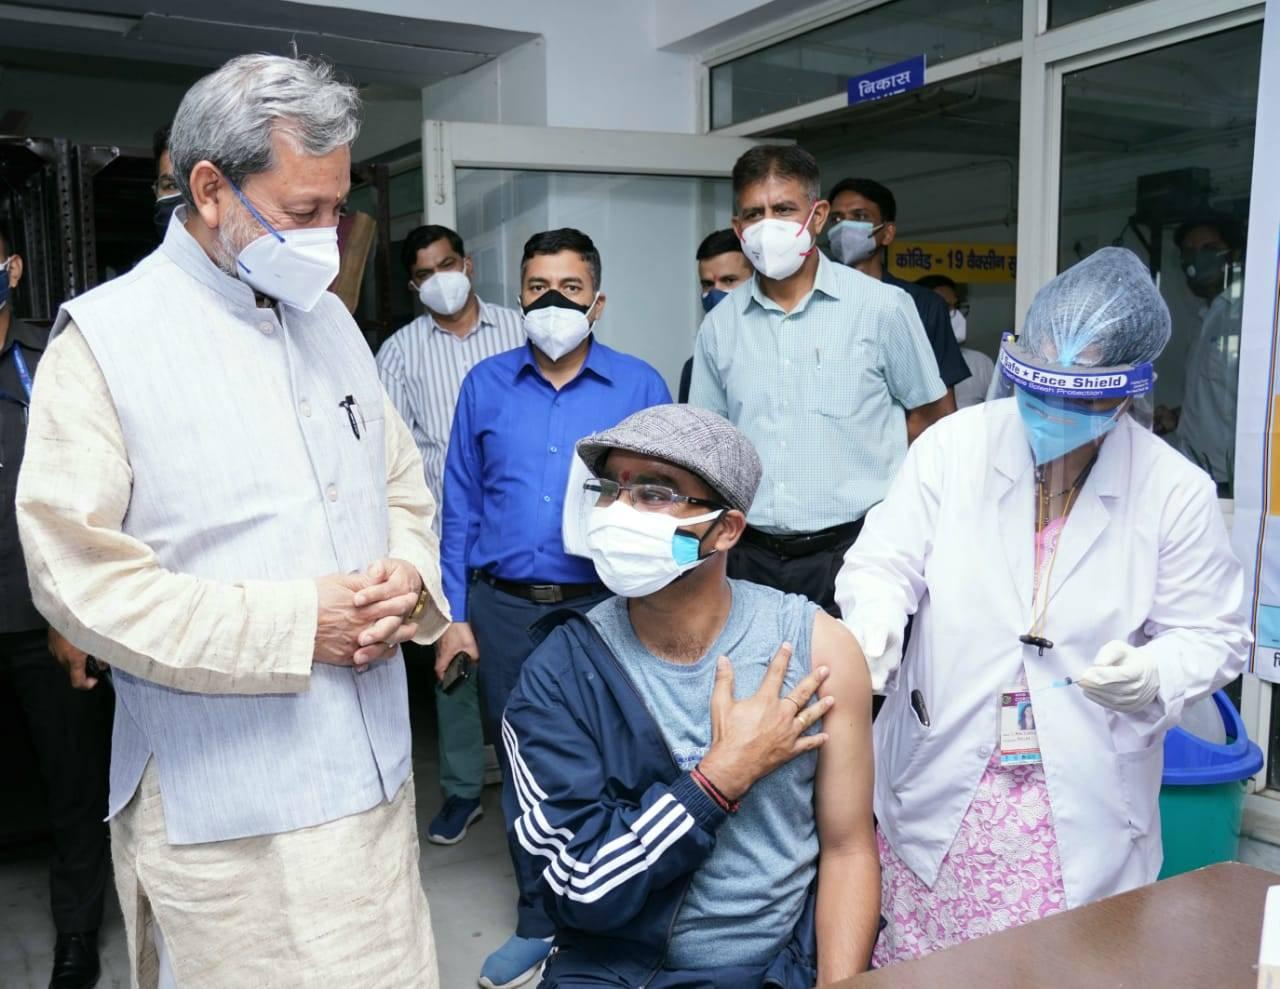 उत्तराखंड | इसकोविड टीकाकरण कैम्प का निरीक्षण करने पहुंचे CM तीरथ